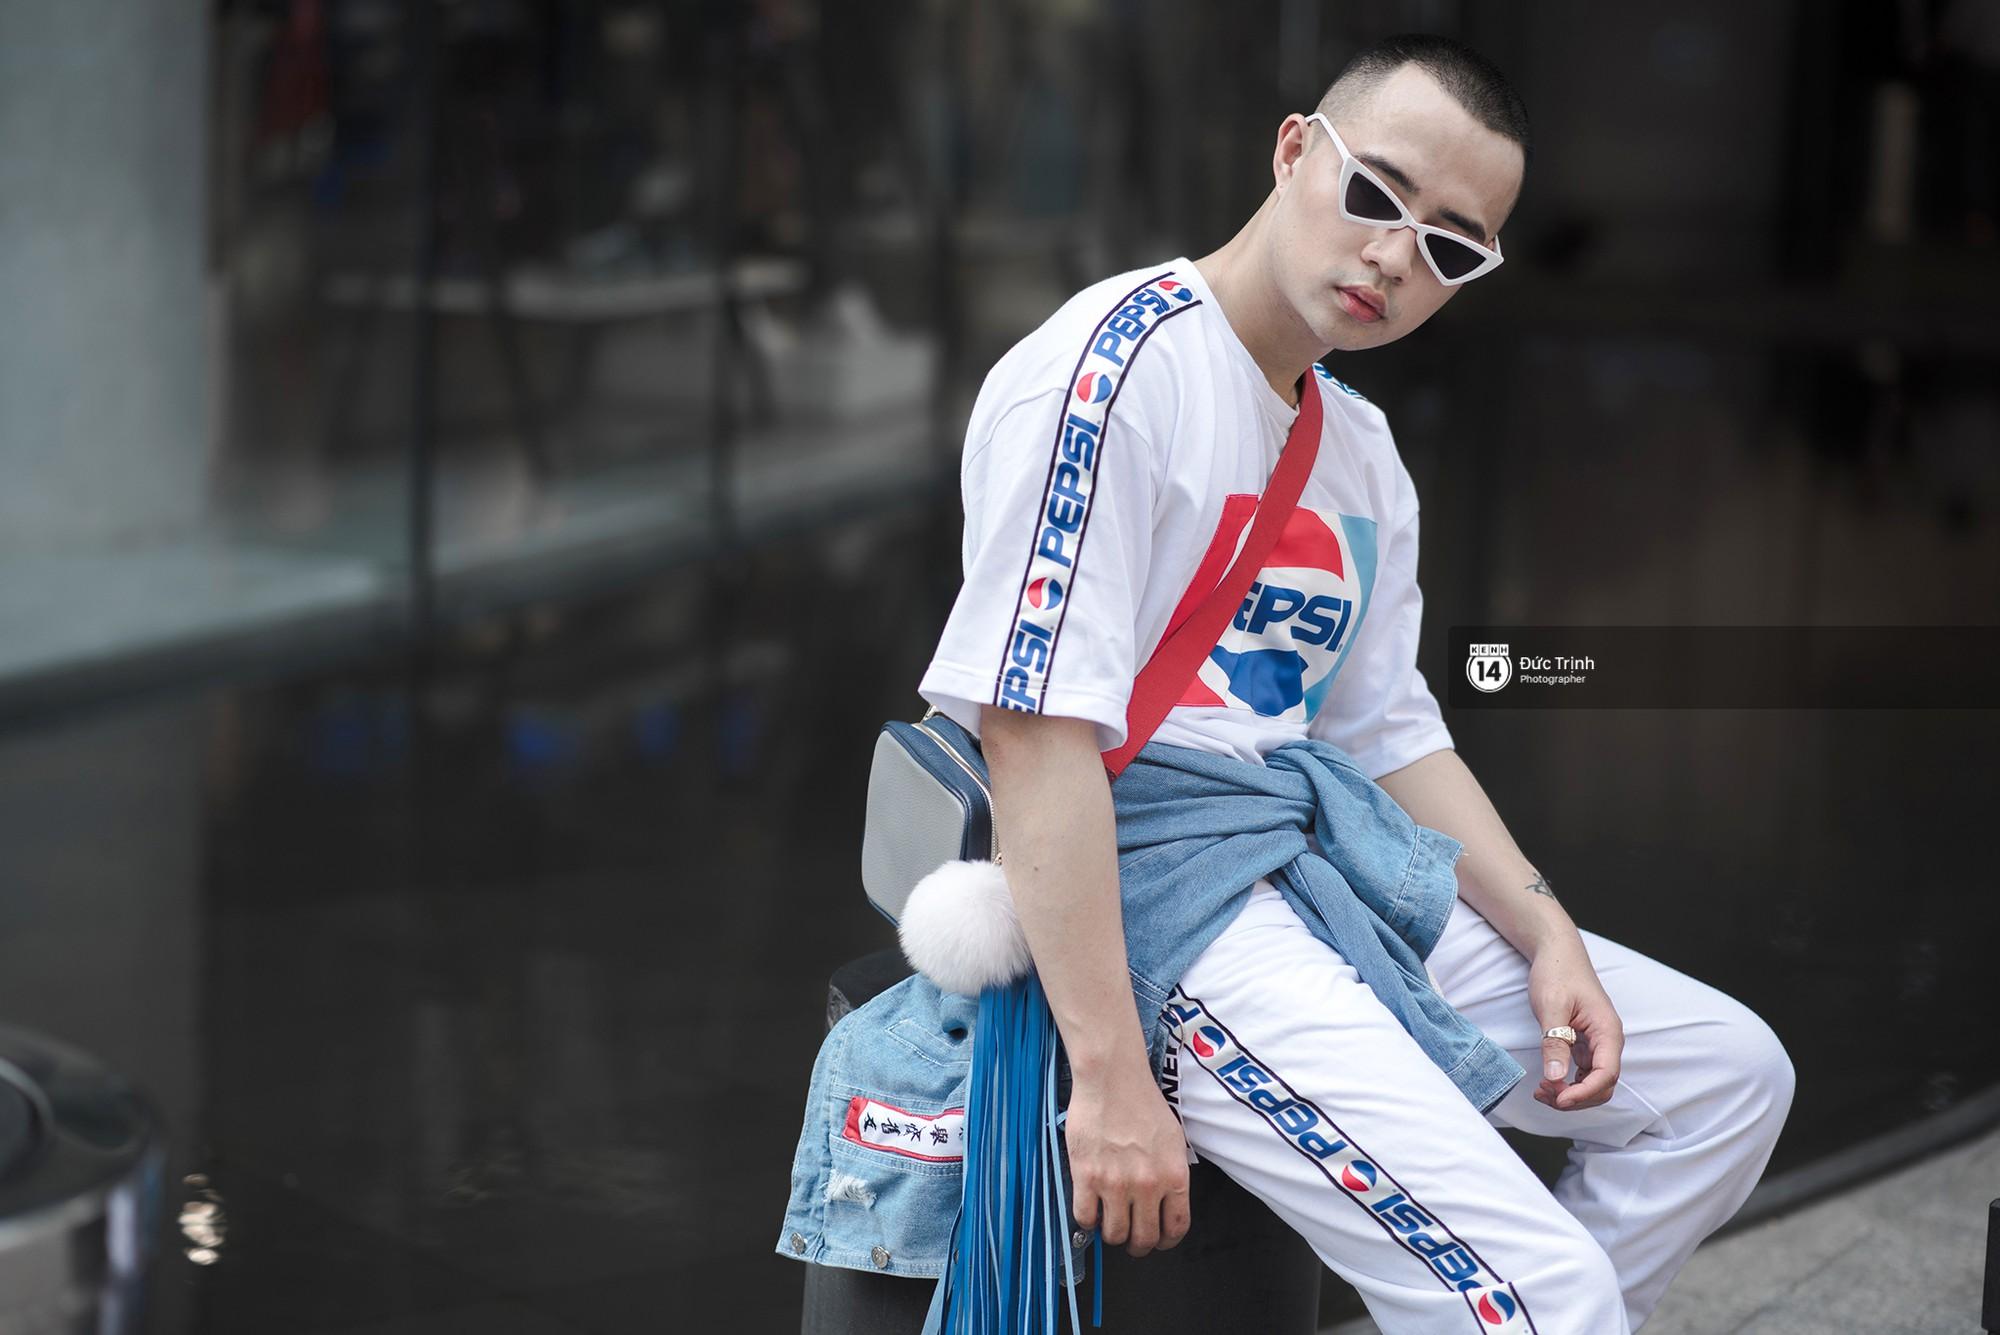 Street style 2 miền: Lên đồ đơn sắc hay sặc sỡ thì các bạn trẻ Việt vẫn cứ trung thành với style cool ngầu bụi bặm - Ảnh 19.